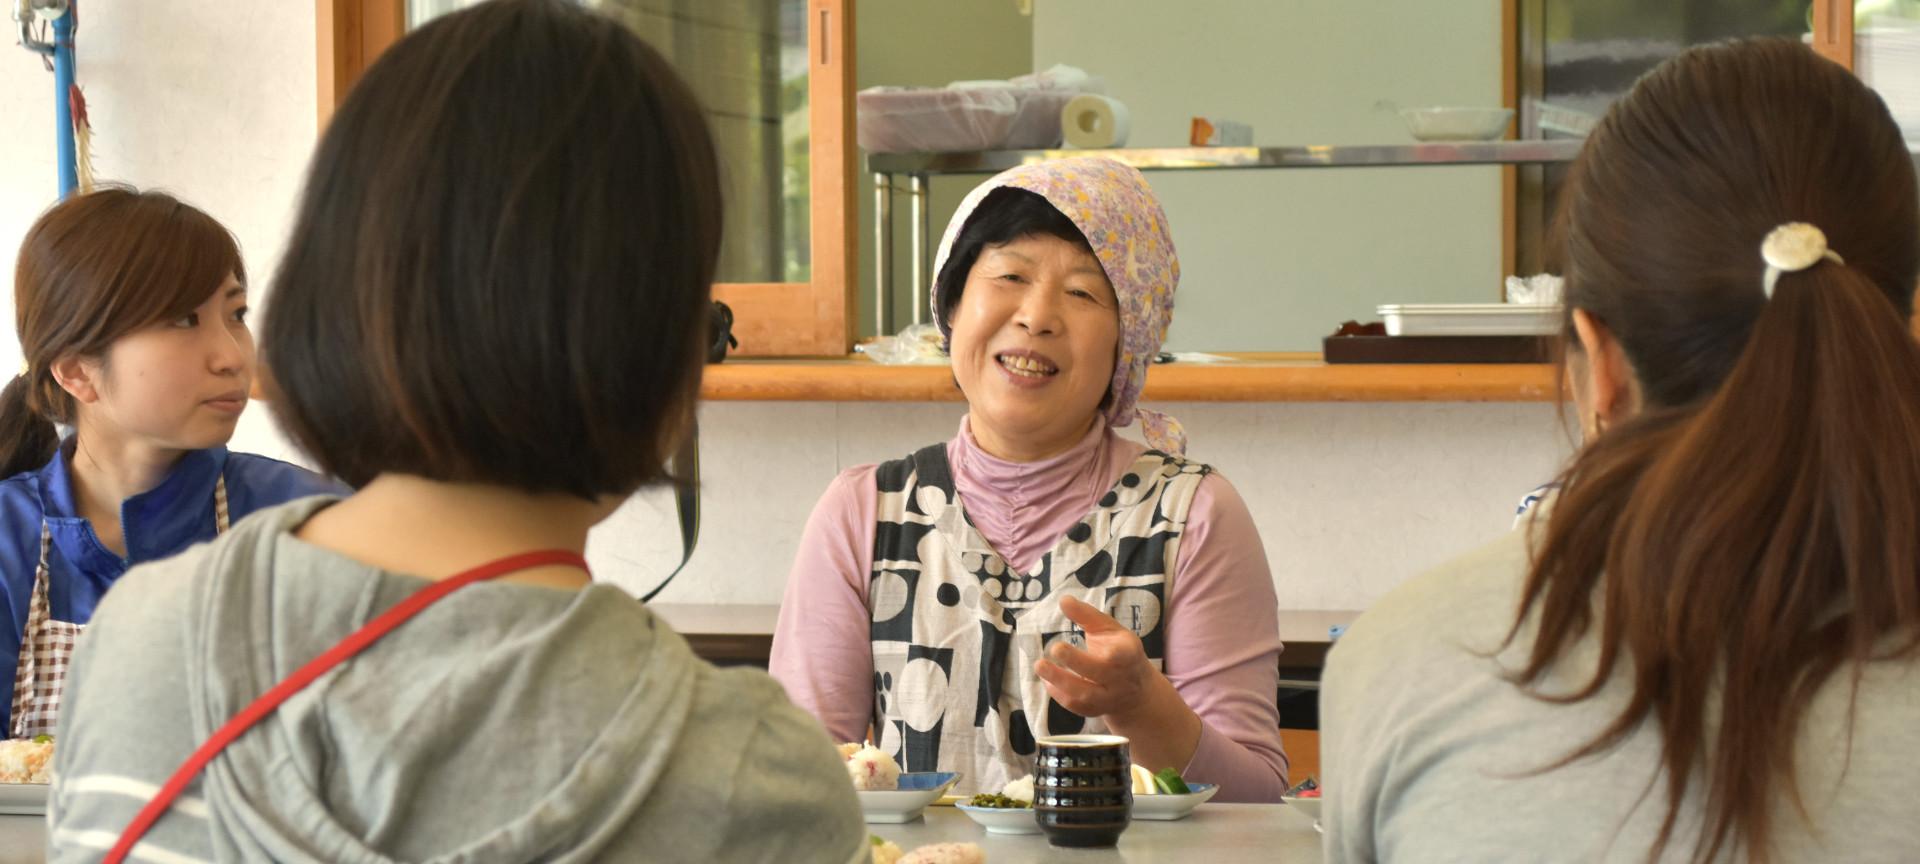 【11/12(土)-13(日)参加者募集!】まごころにふれるおかあさんのお料理教室